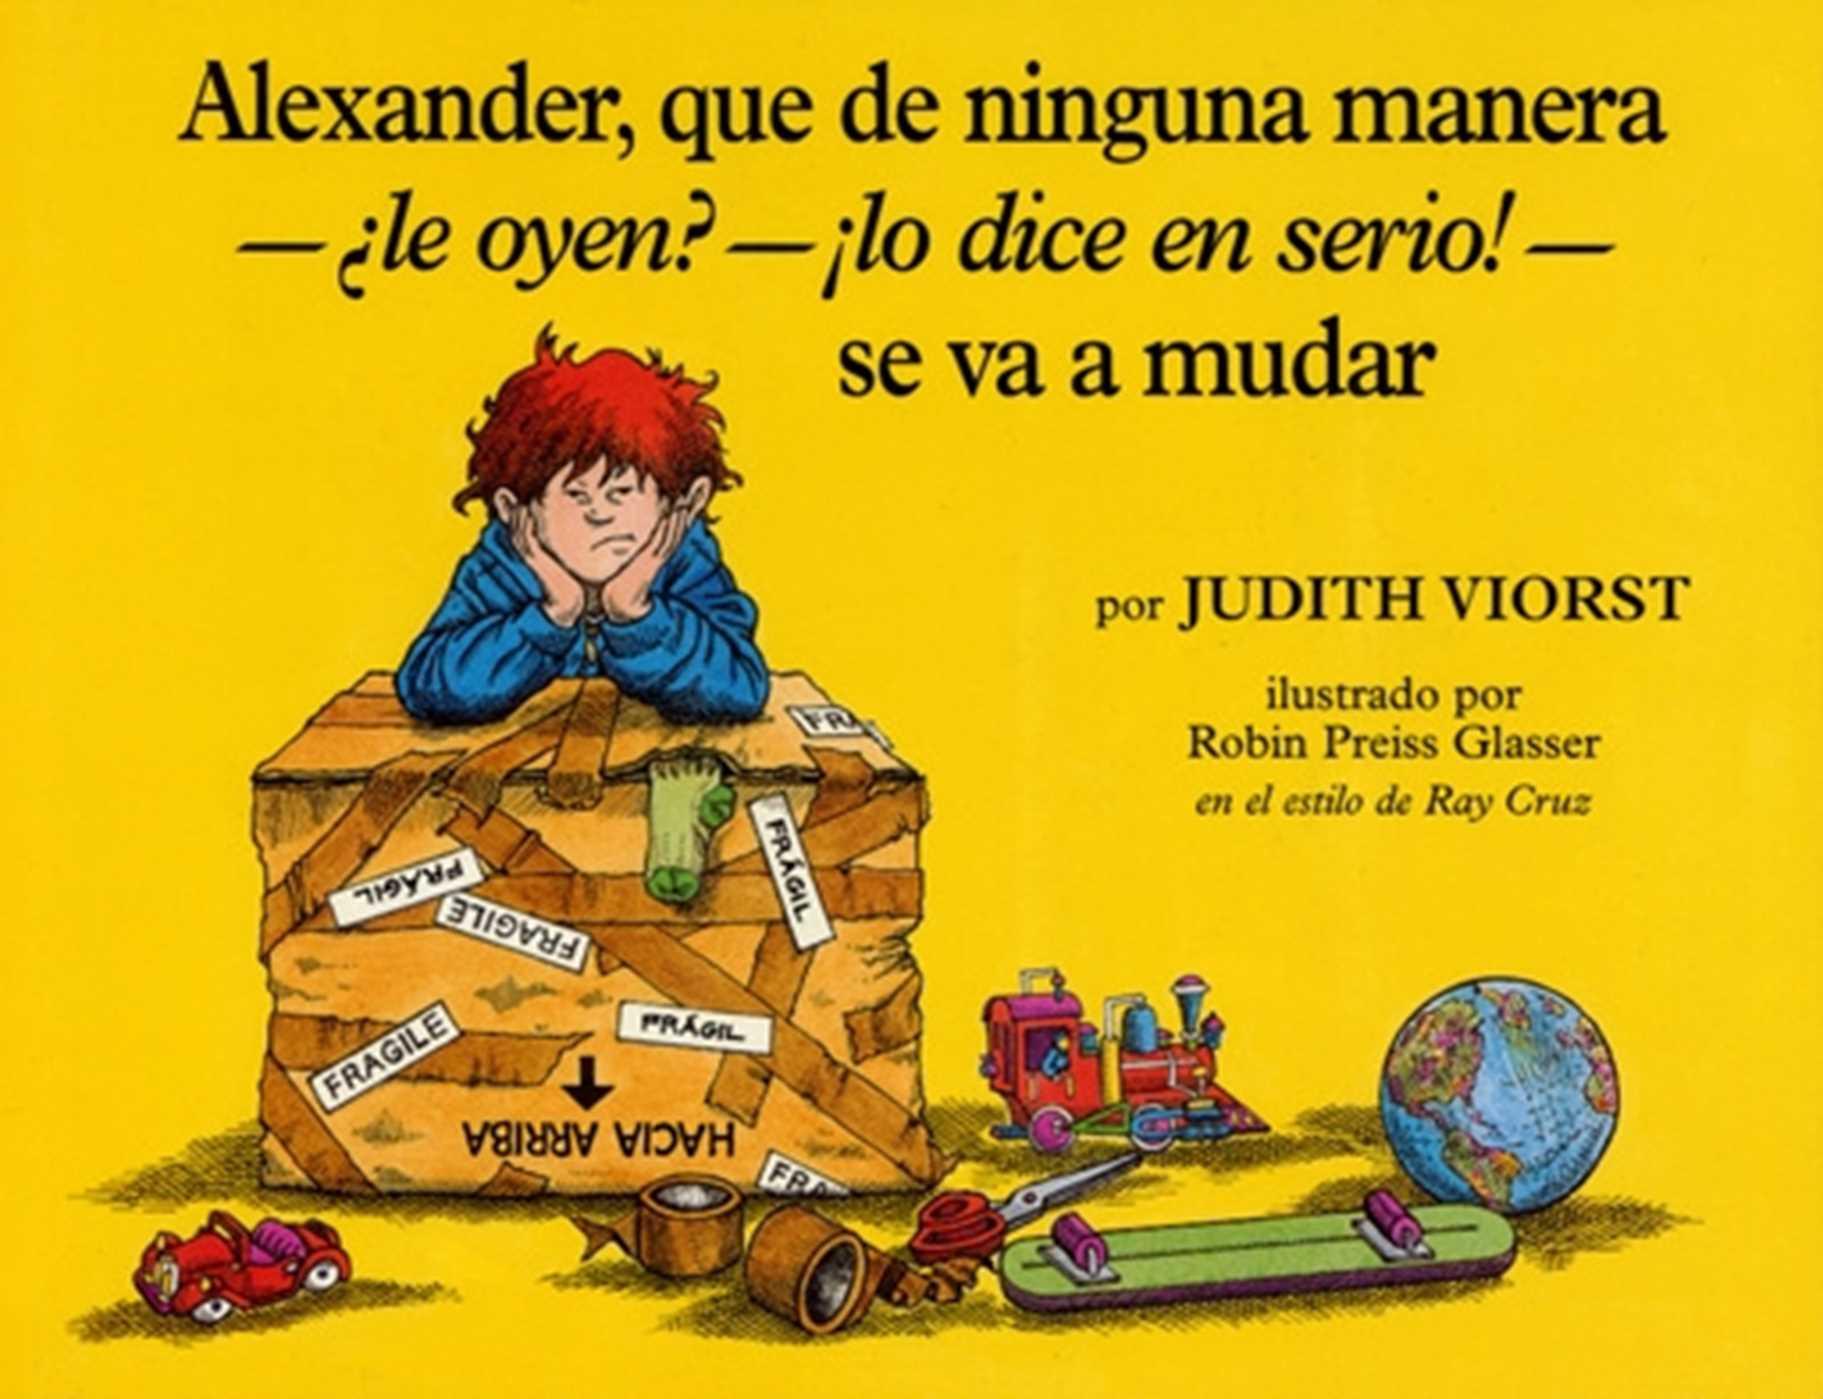 Alexander que de ninguna manera le oyen lo dice en serio se va a mudar 9781442465299 hr